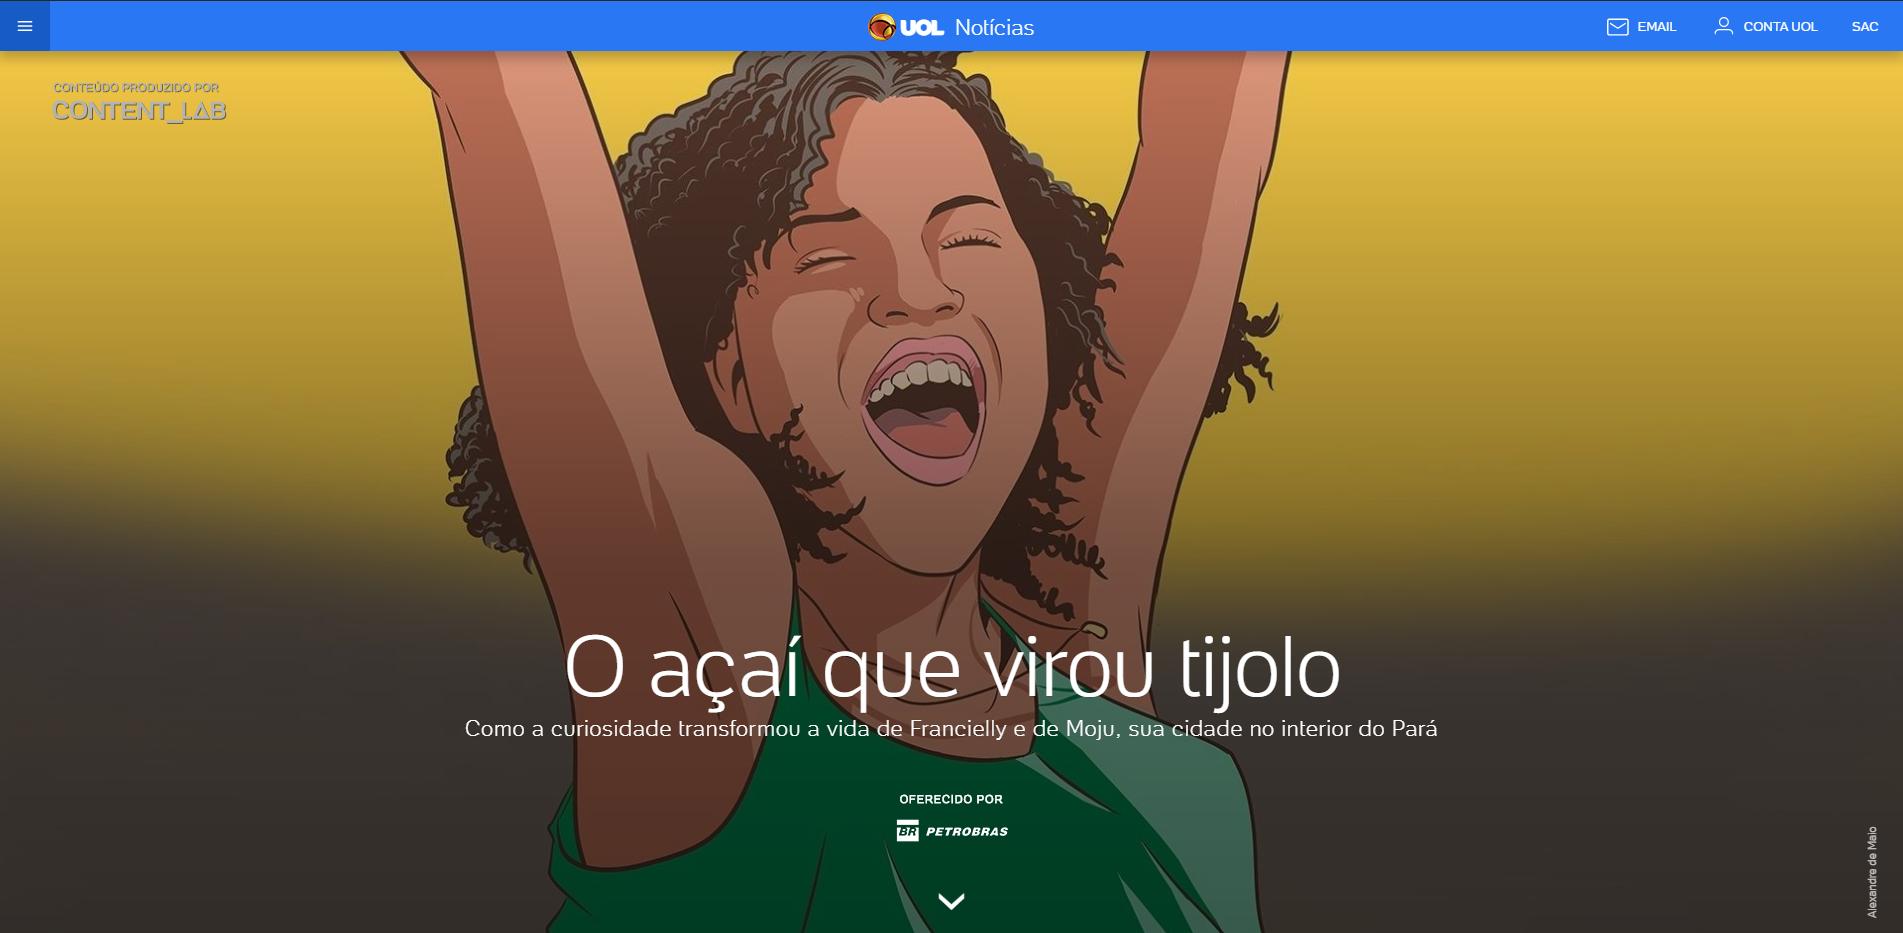 Petrobras - Açaí.png